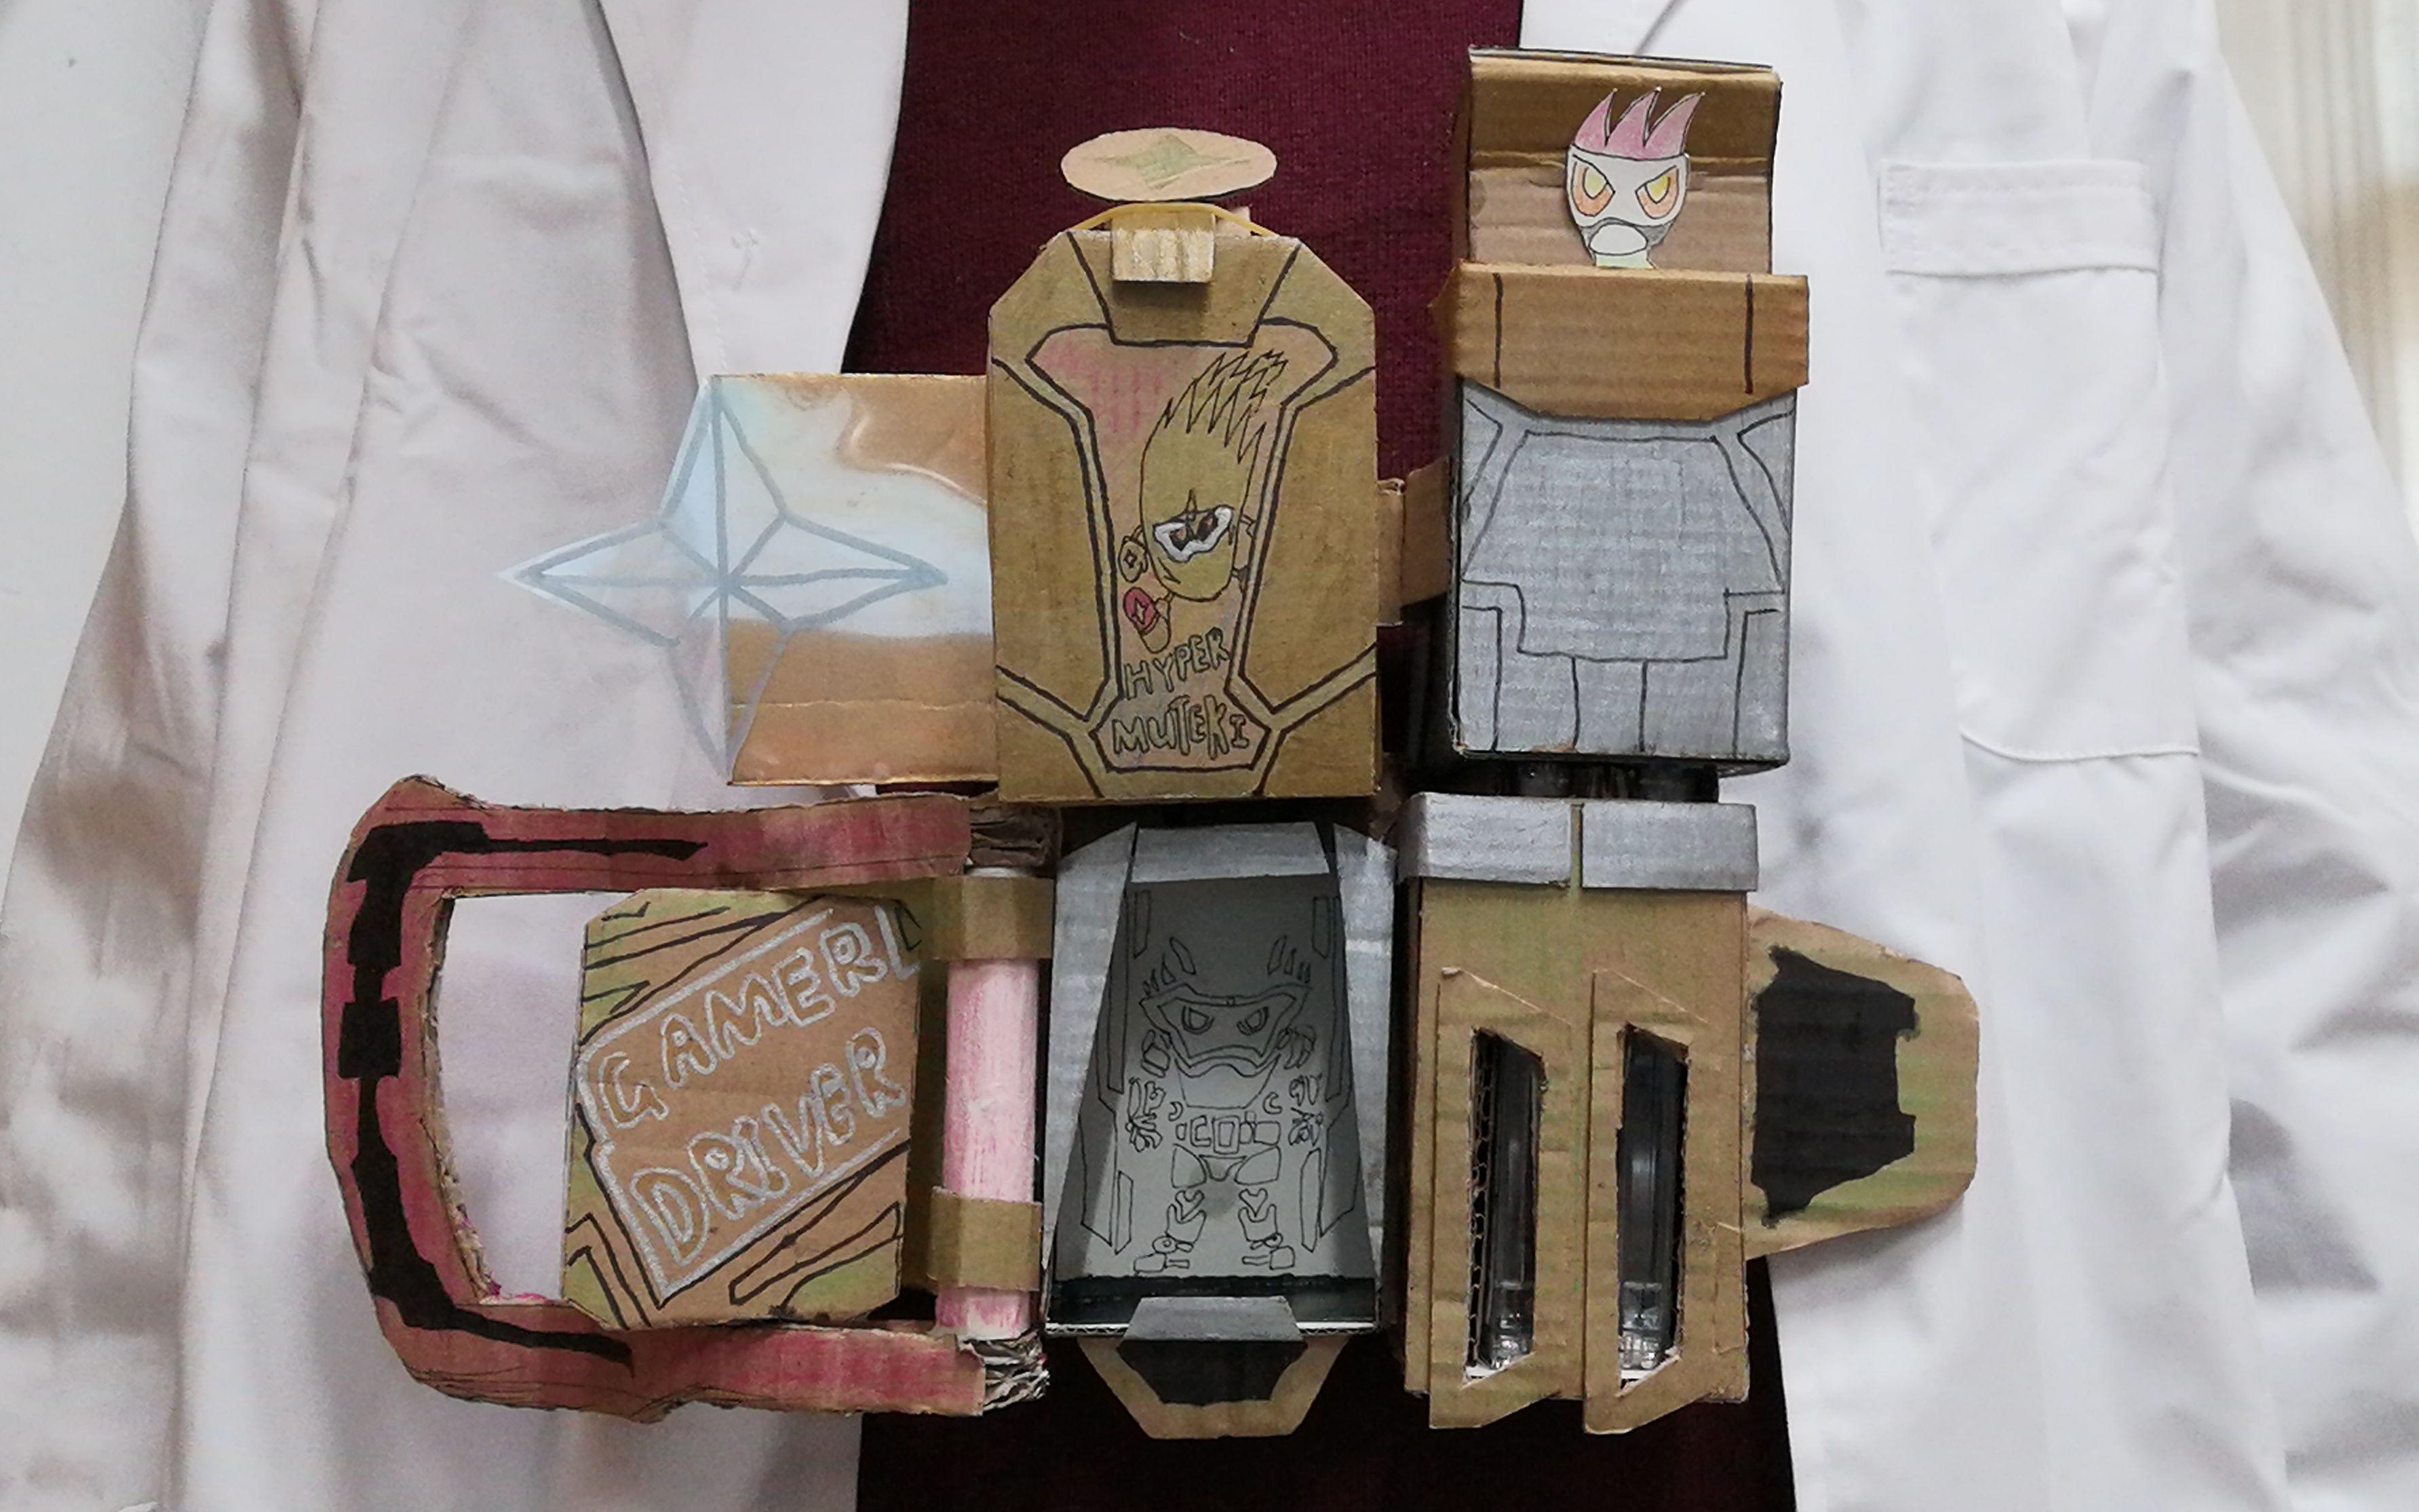 用纸板制作假面骑士exaid无敌玩家腰带_哔哩哔哩 (゜-゜)つロ 干杯~-bilibili